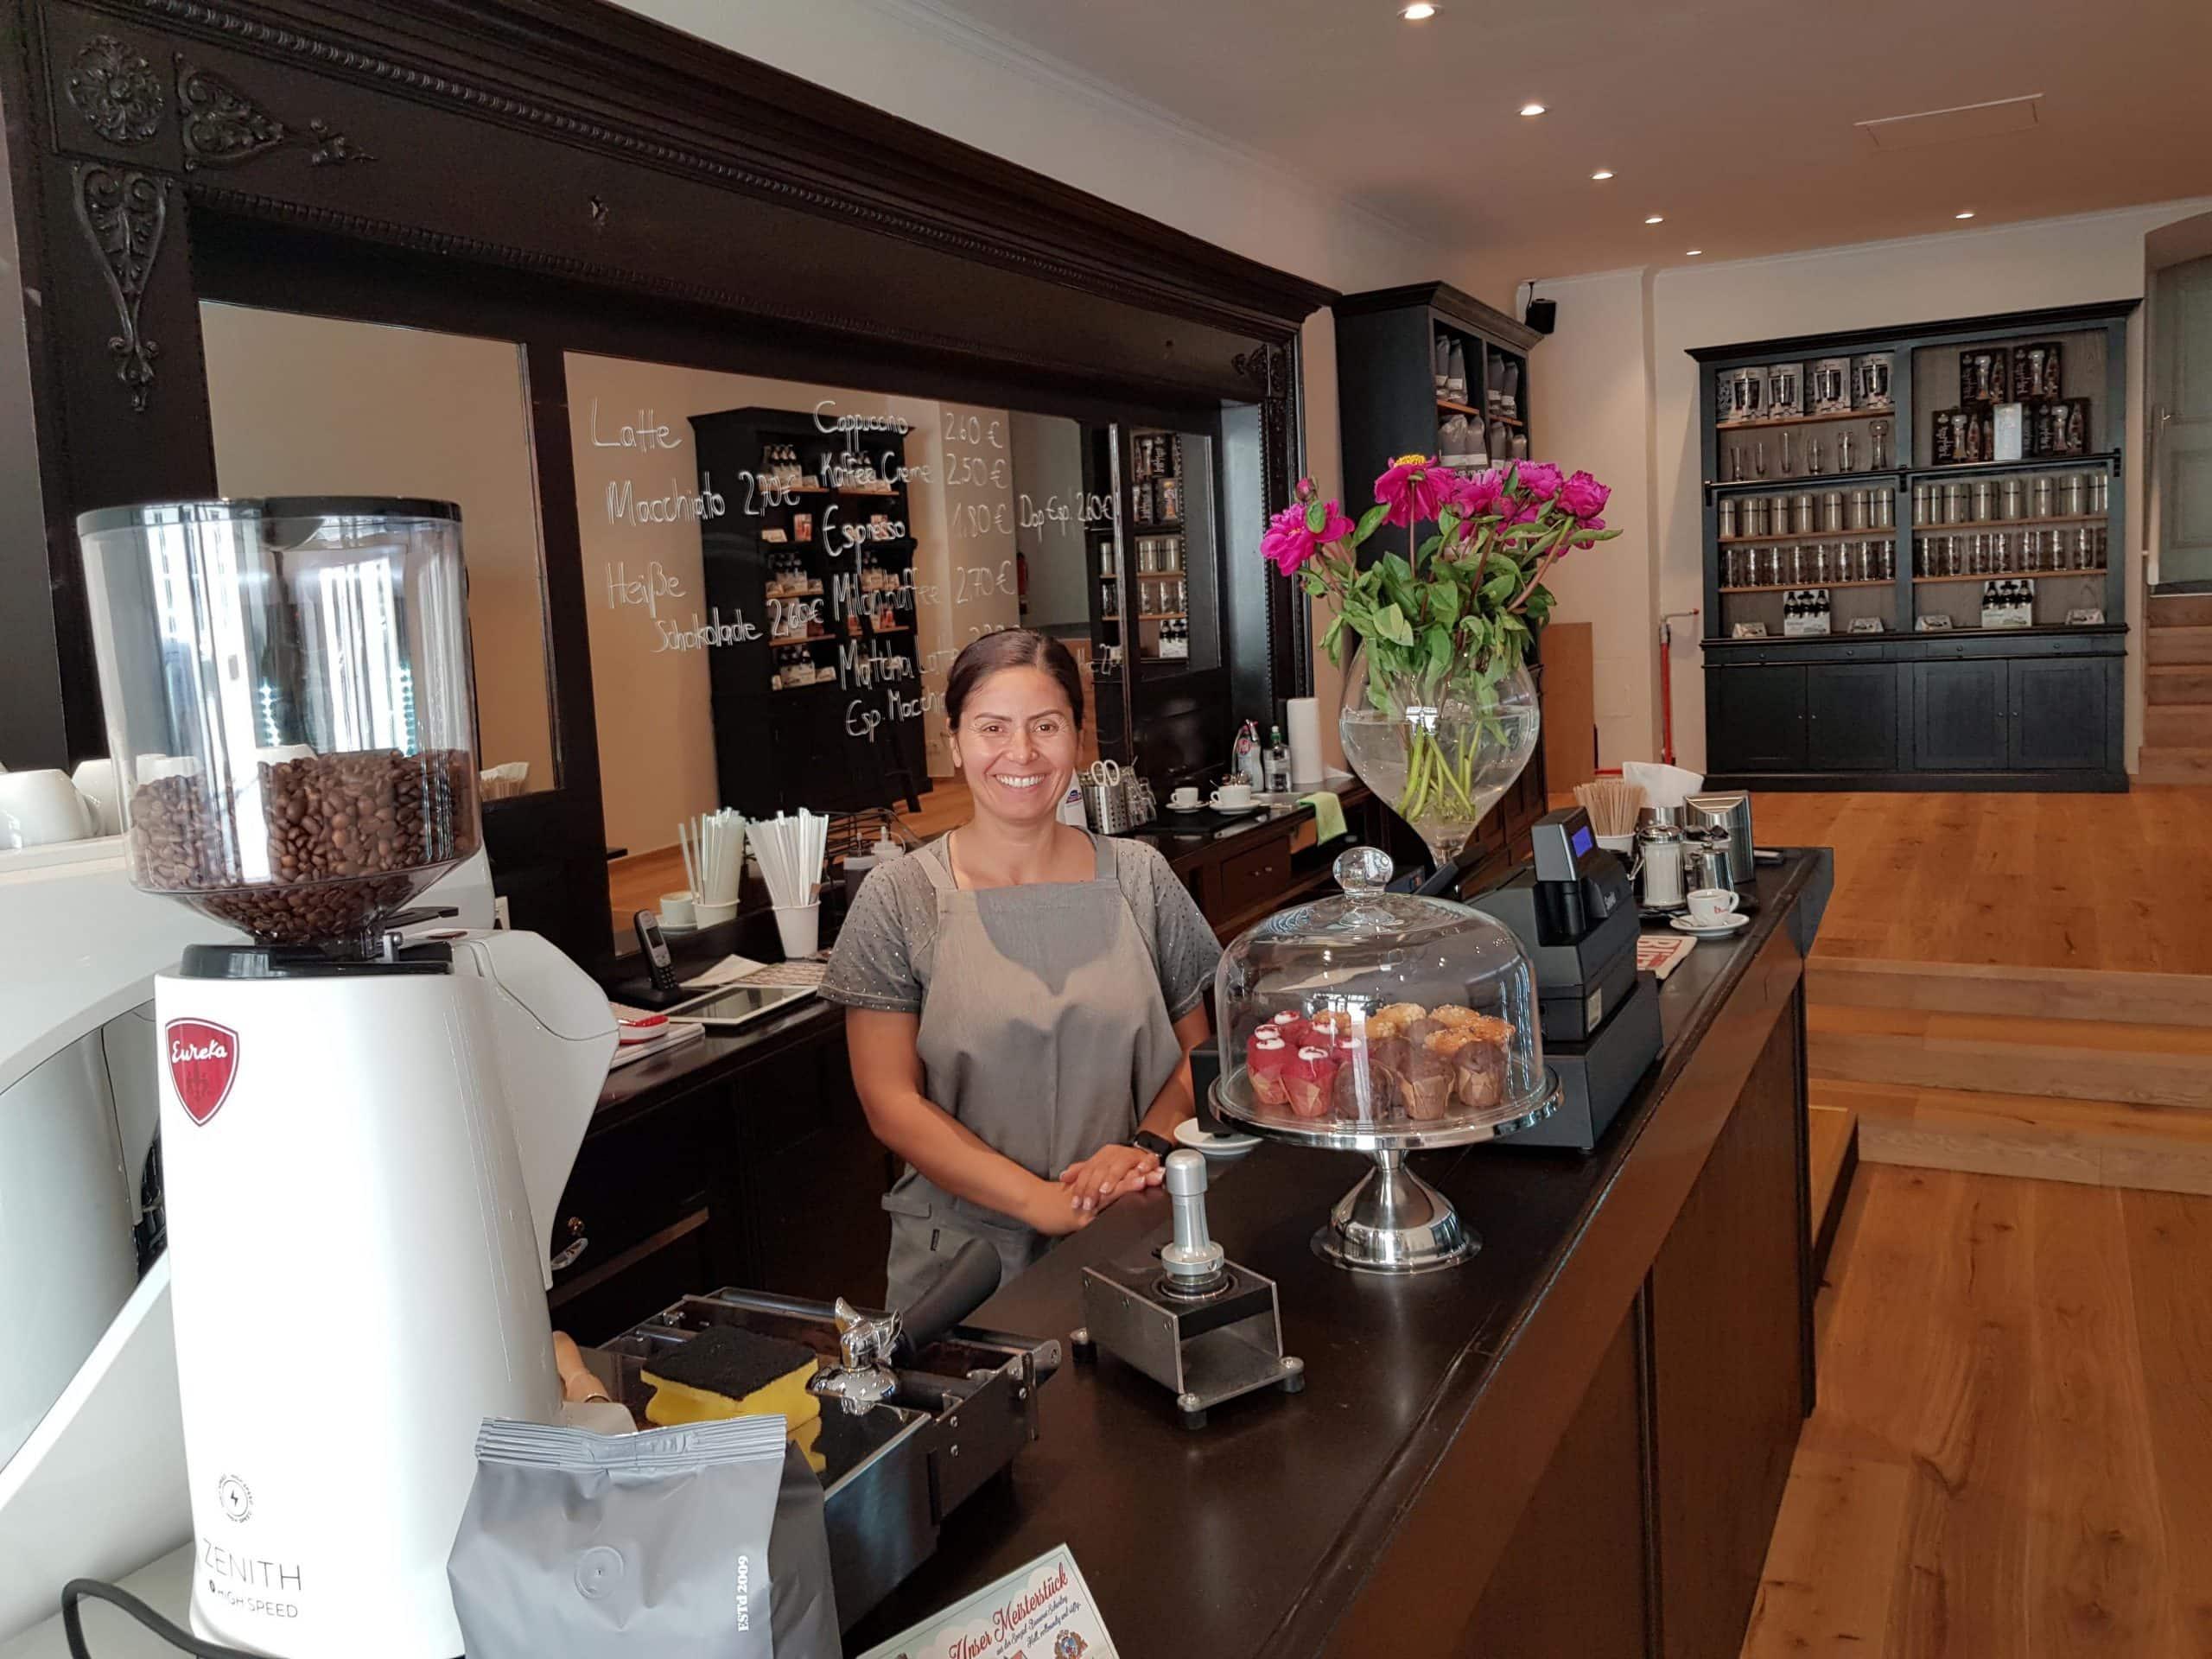 Neue Anlaufstelle für Durstige Brauereiladen mit Produkten der Spezial-Brauerei Schierling eröffnet in der Gesandtenstraße